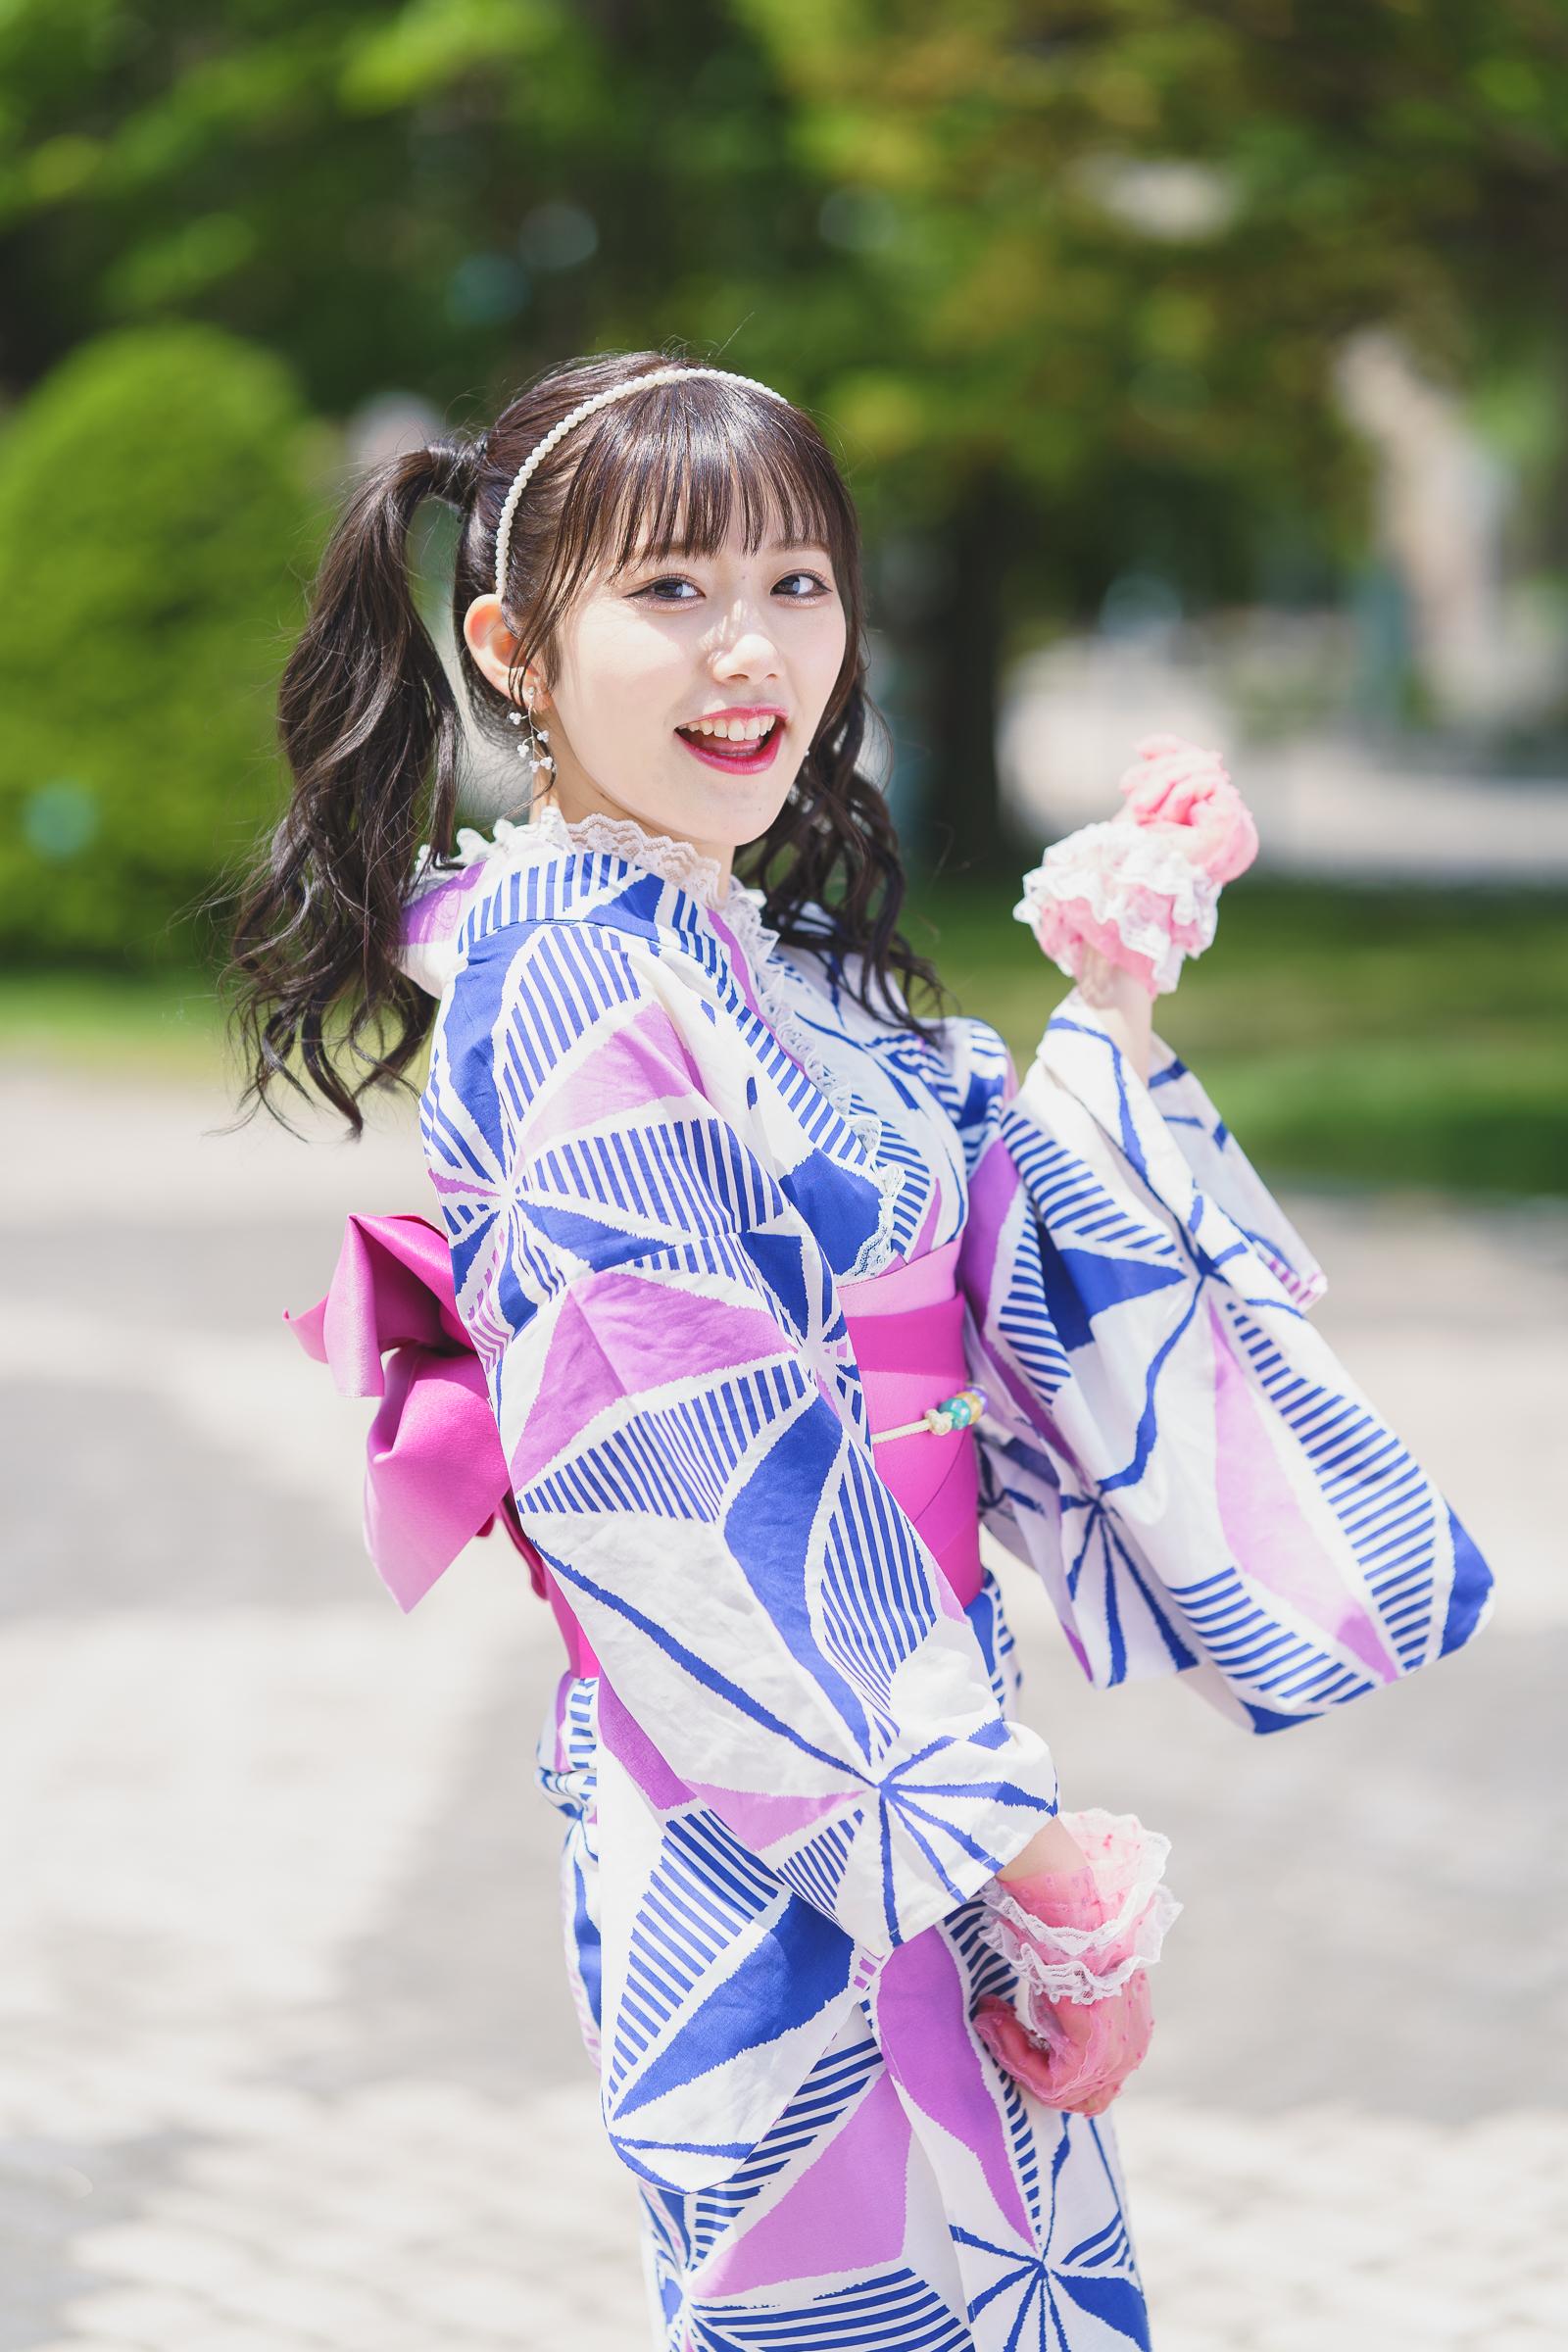 フルーティー♡ まほ ( 本間真帆 ) | SMP 札幌モデルプロ 浴衣撮影会